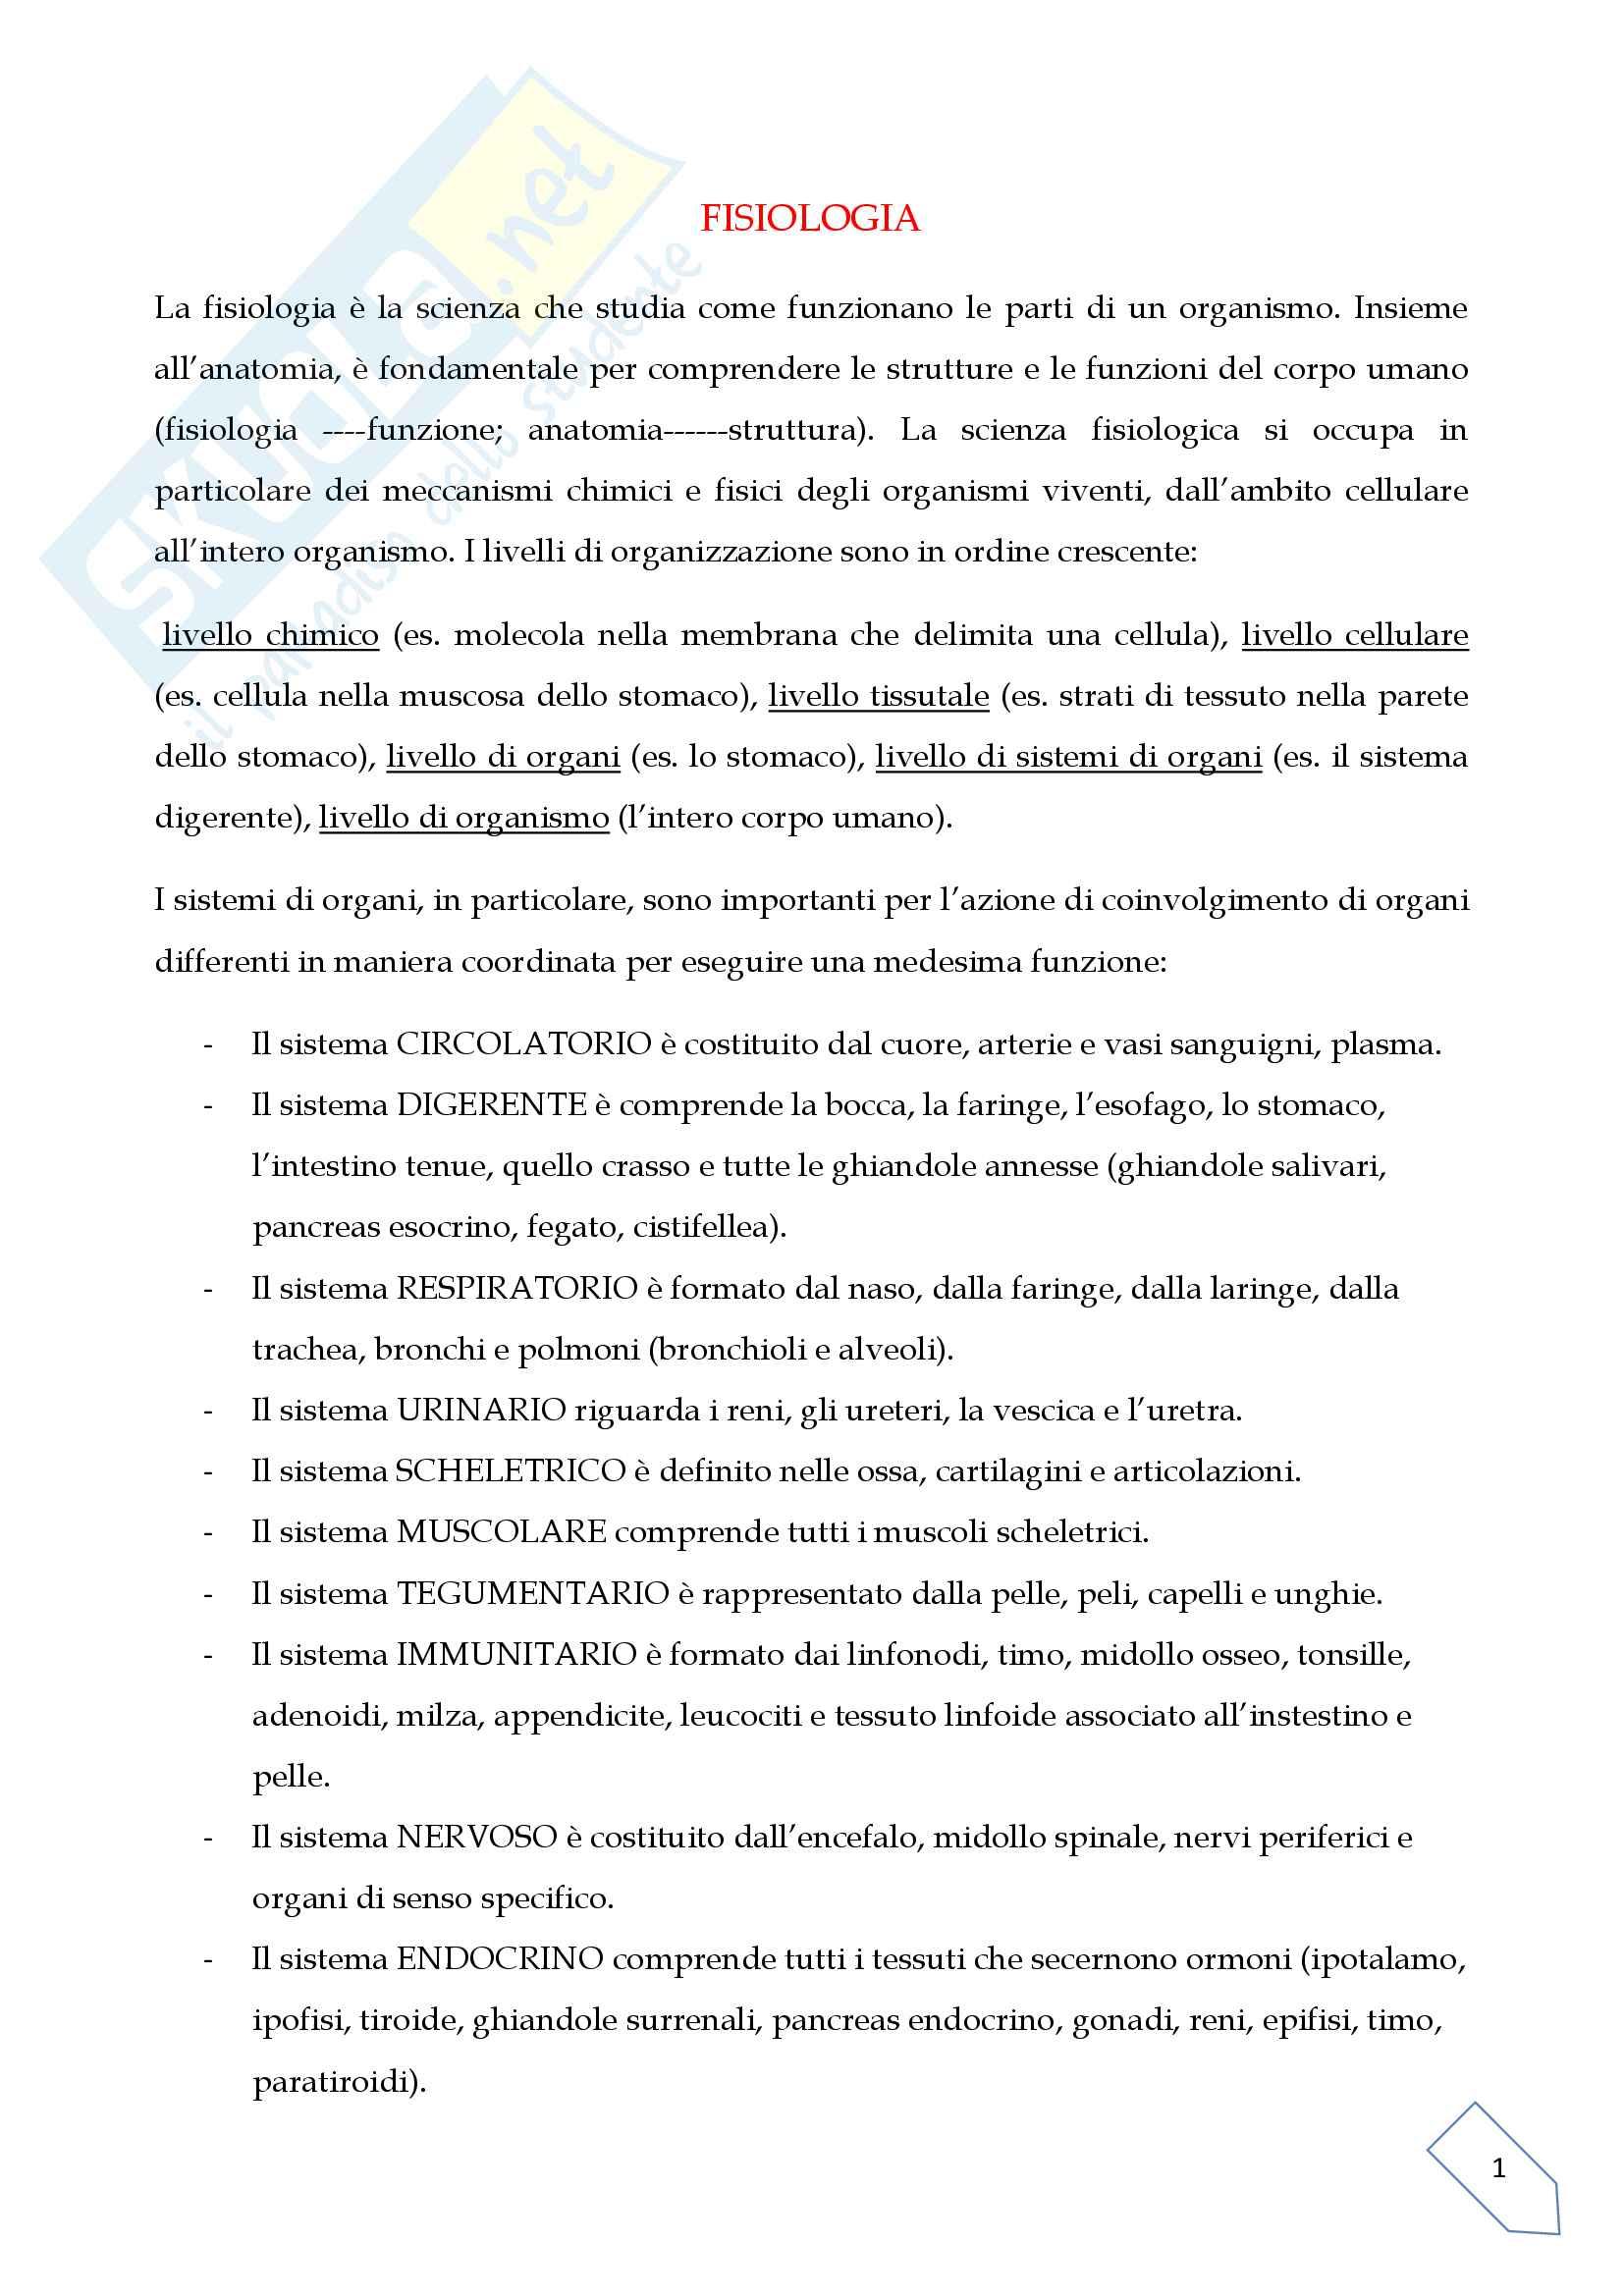 Fisiologia, introduzione